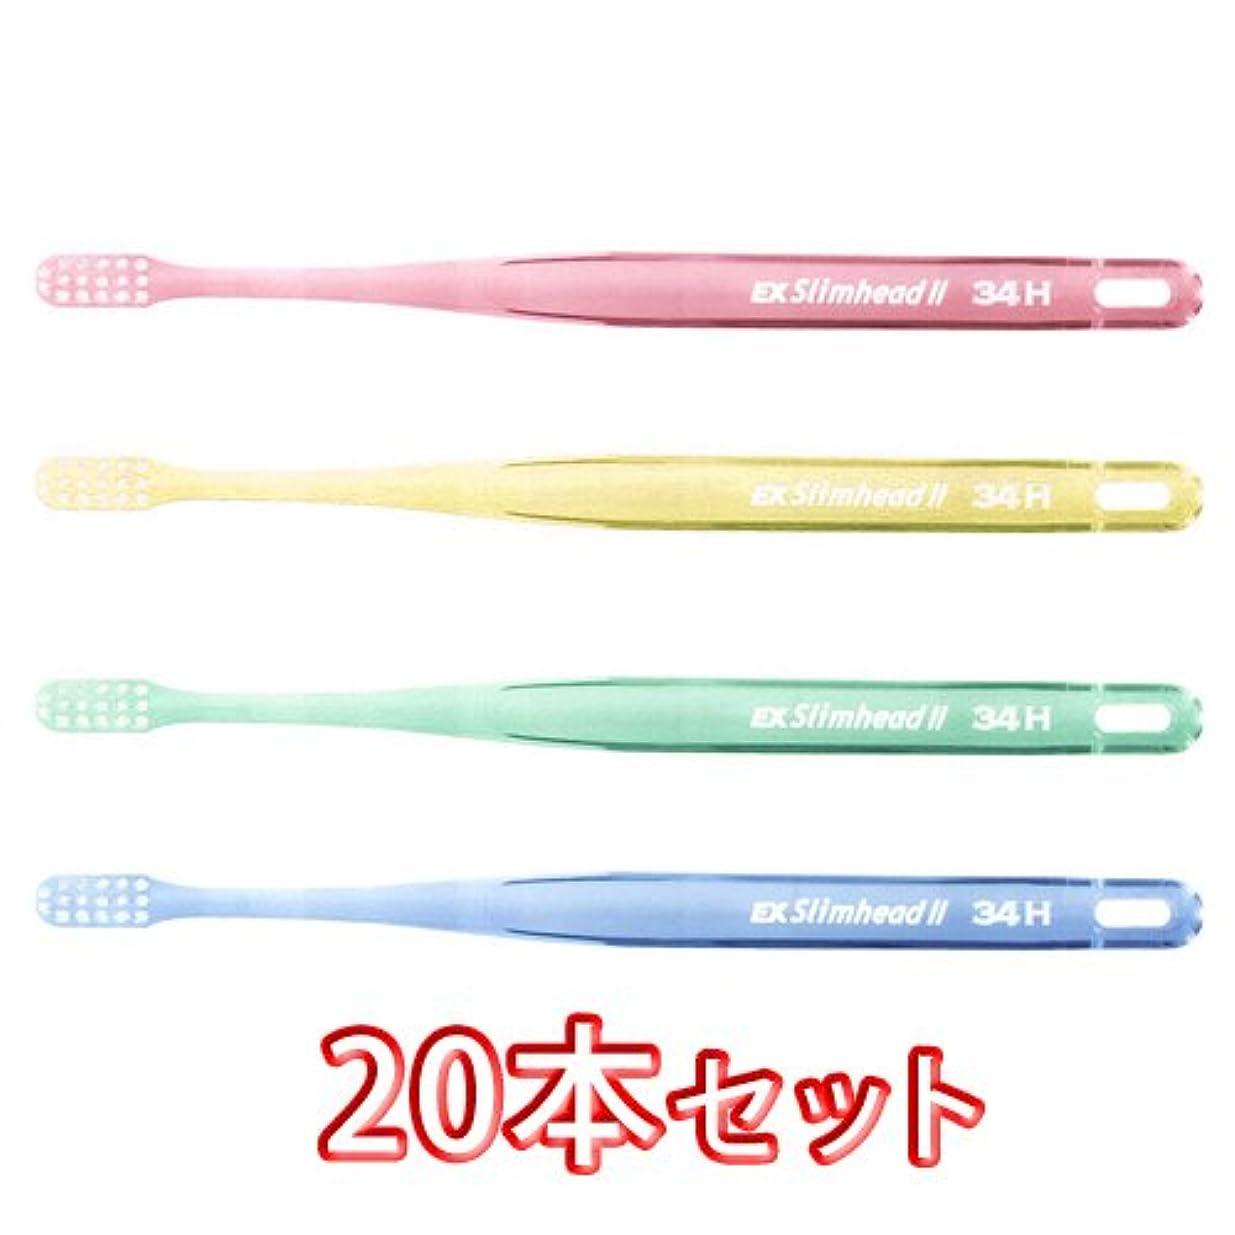 炎上サーキュレーションフレアライオン スリムヘッド2 歯ブラシ DENT . EX Slimhead2 20本入 (34H)